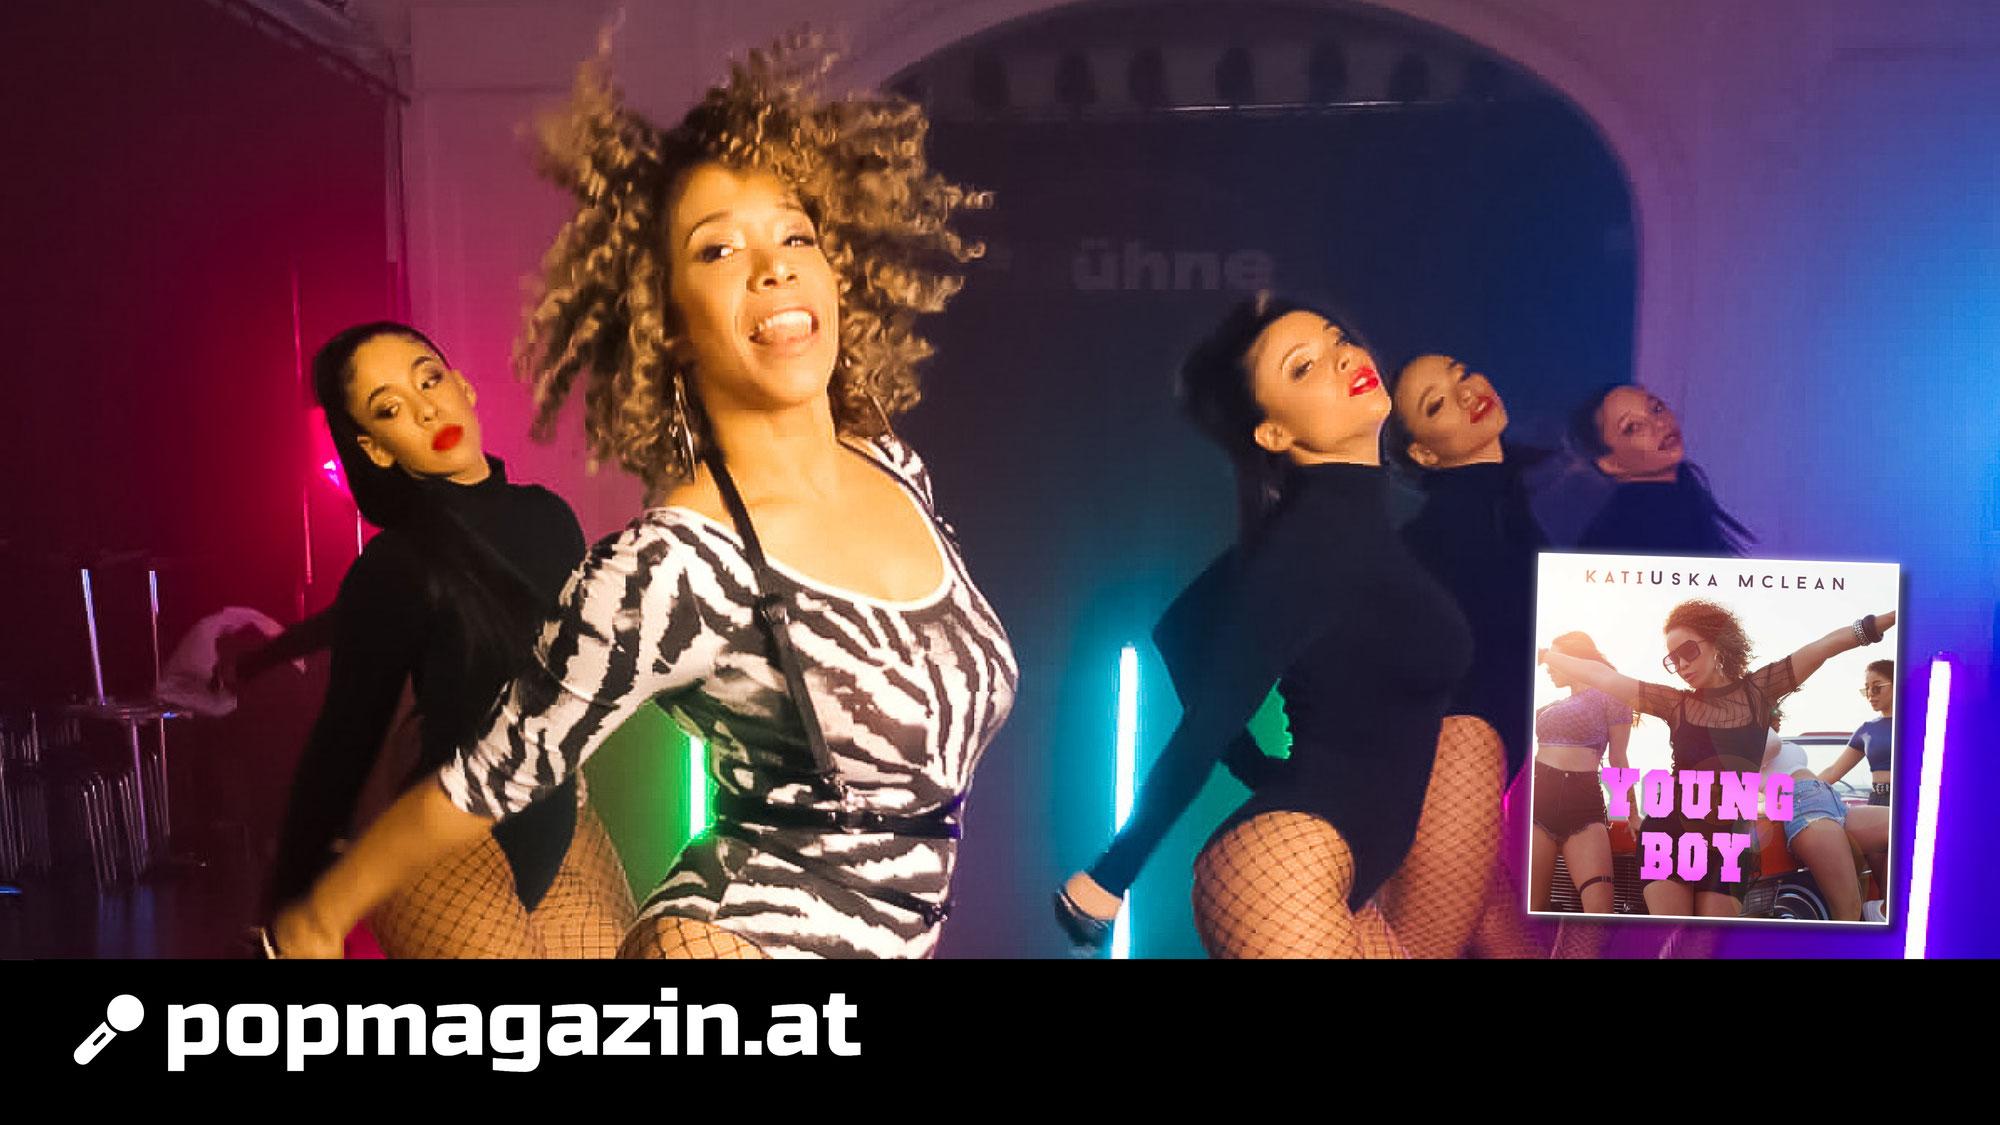 """Supertalent-Teilnehmerin Katiuska McLean als Solokünstlerin mit ihrem neuen Song """"Young Boy"""""""